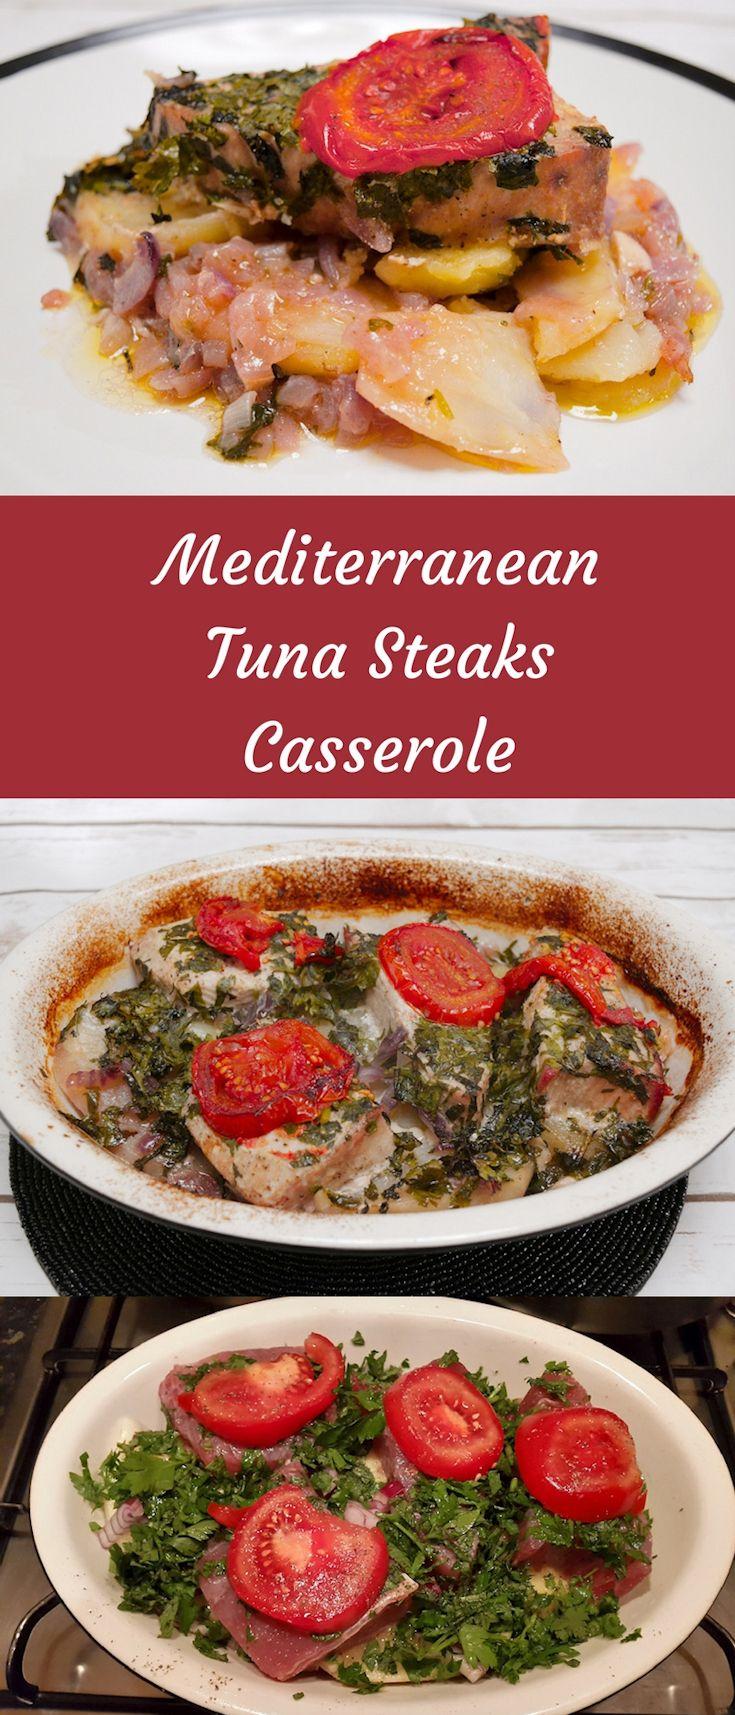 Mediterranean Tuna Steaks Casserole